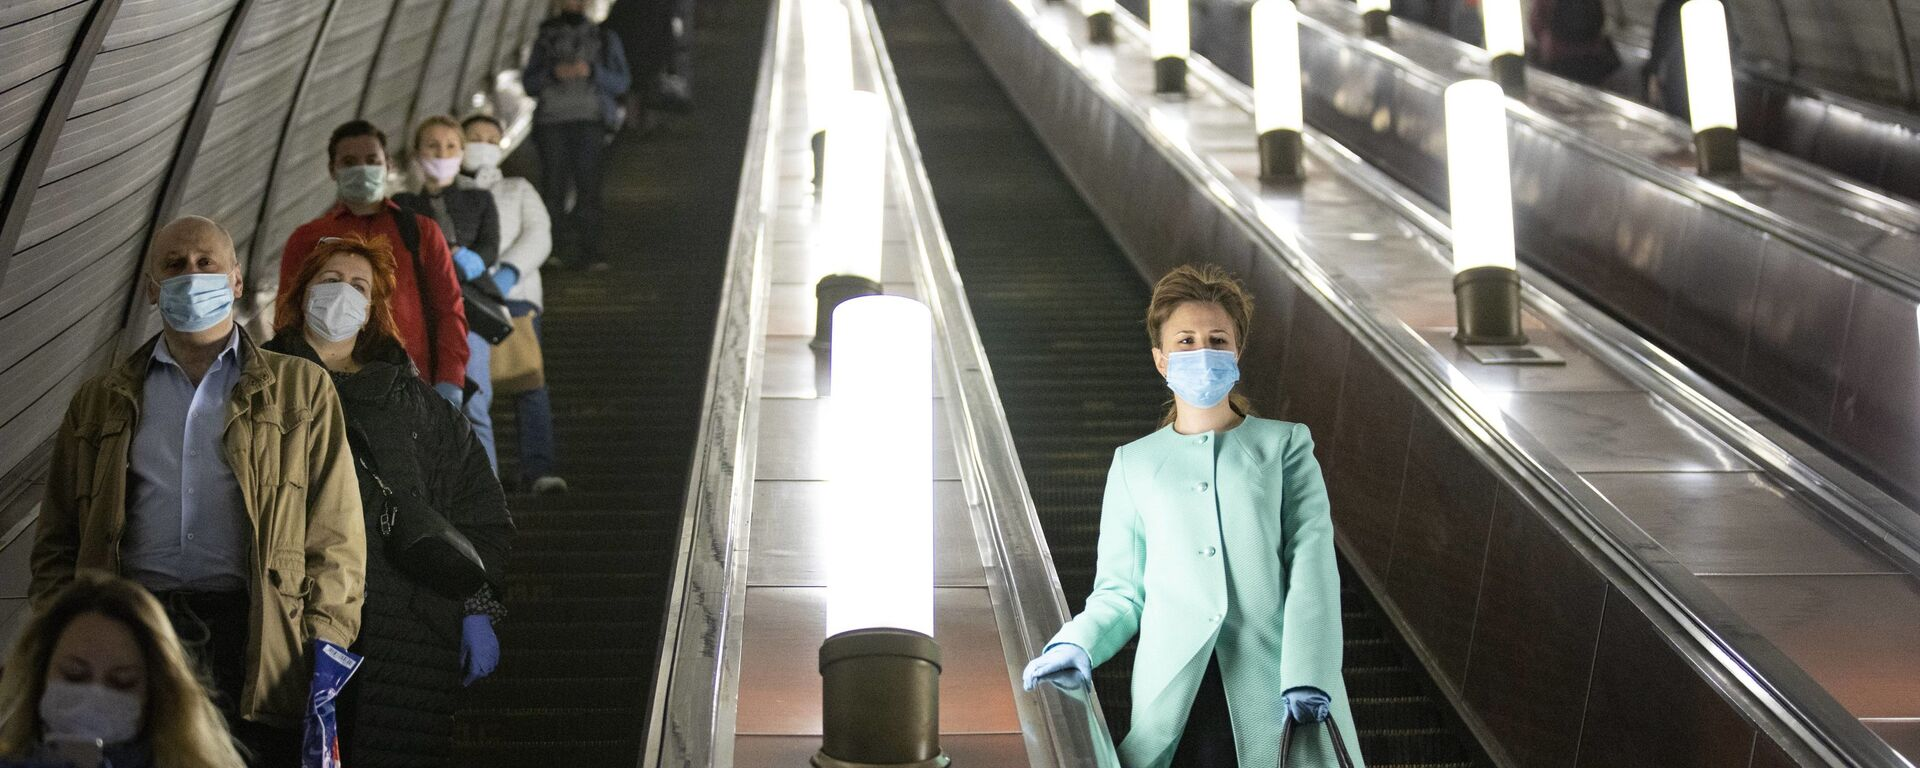 Люди в защитных масках и перчатках на эскалаторе московского метро - Sputnik Italia, 1920, 28.06.2021